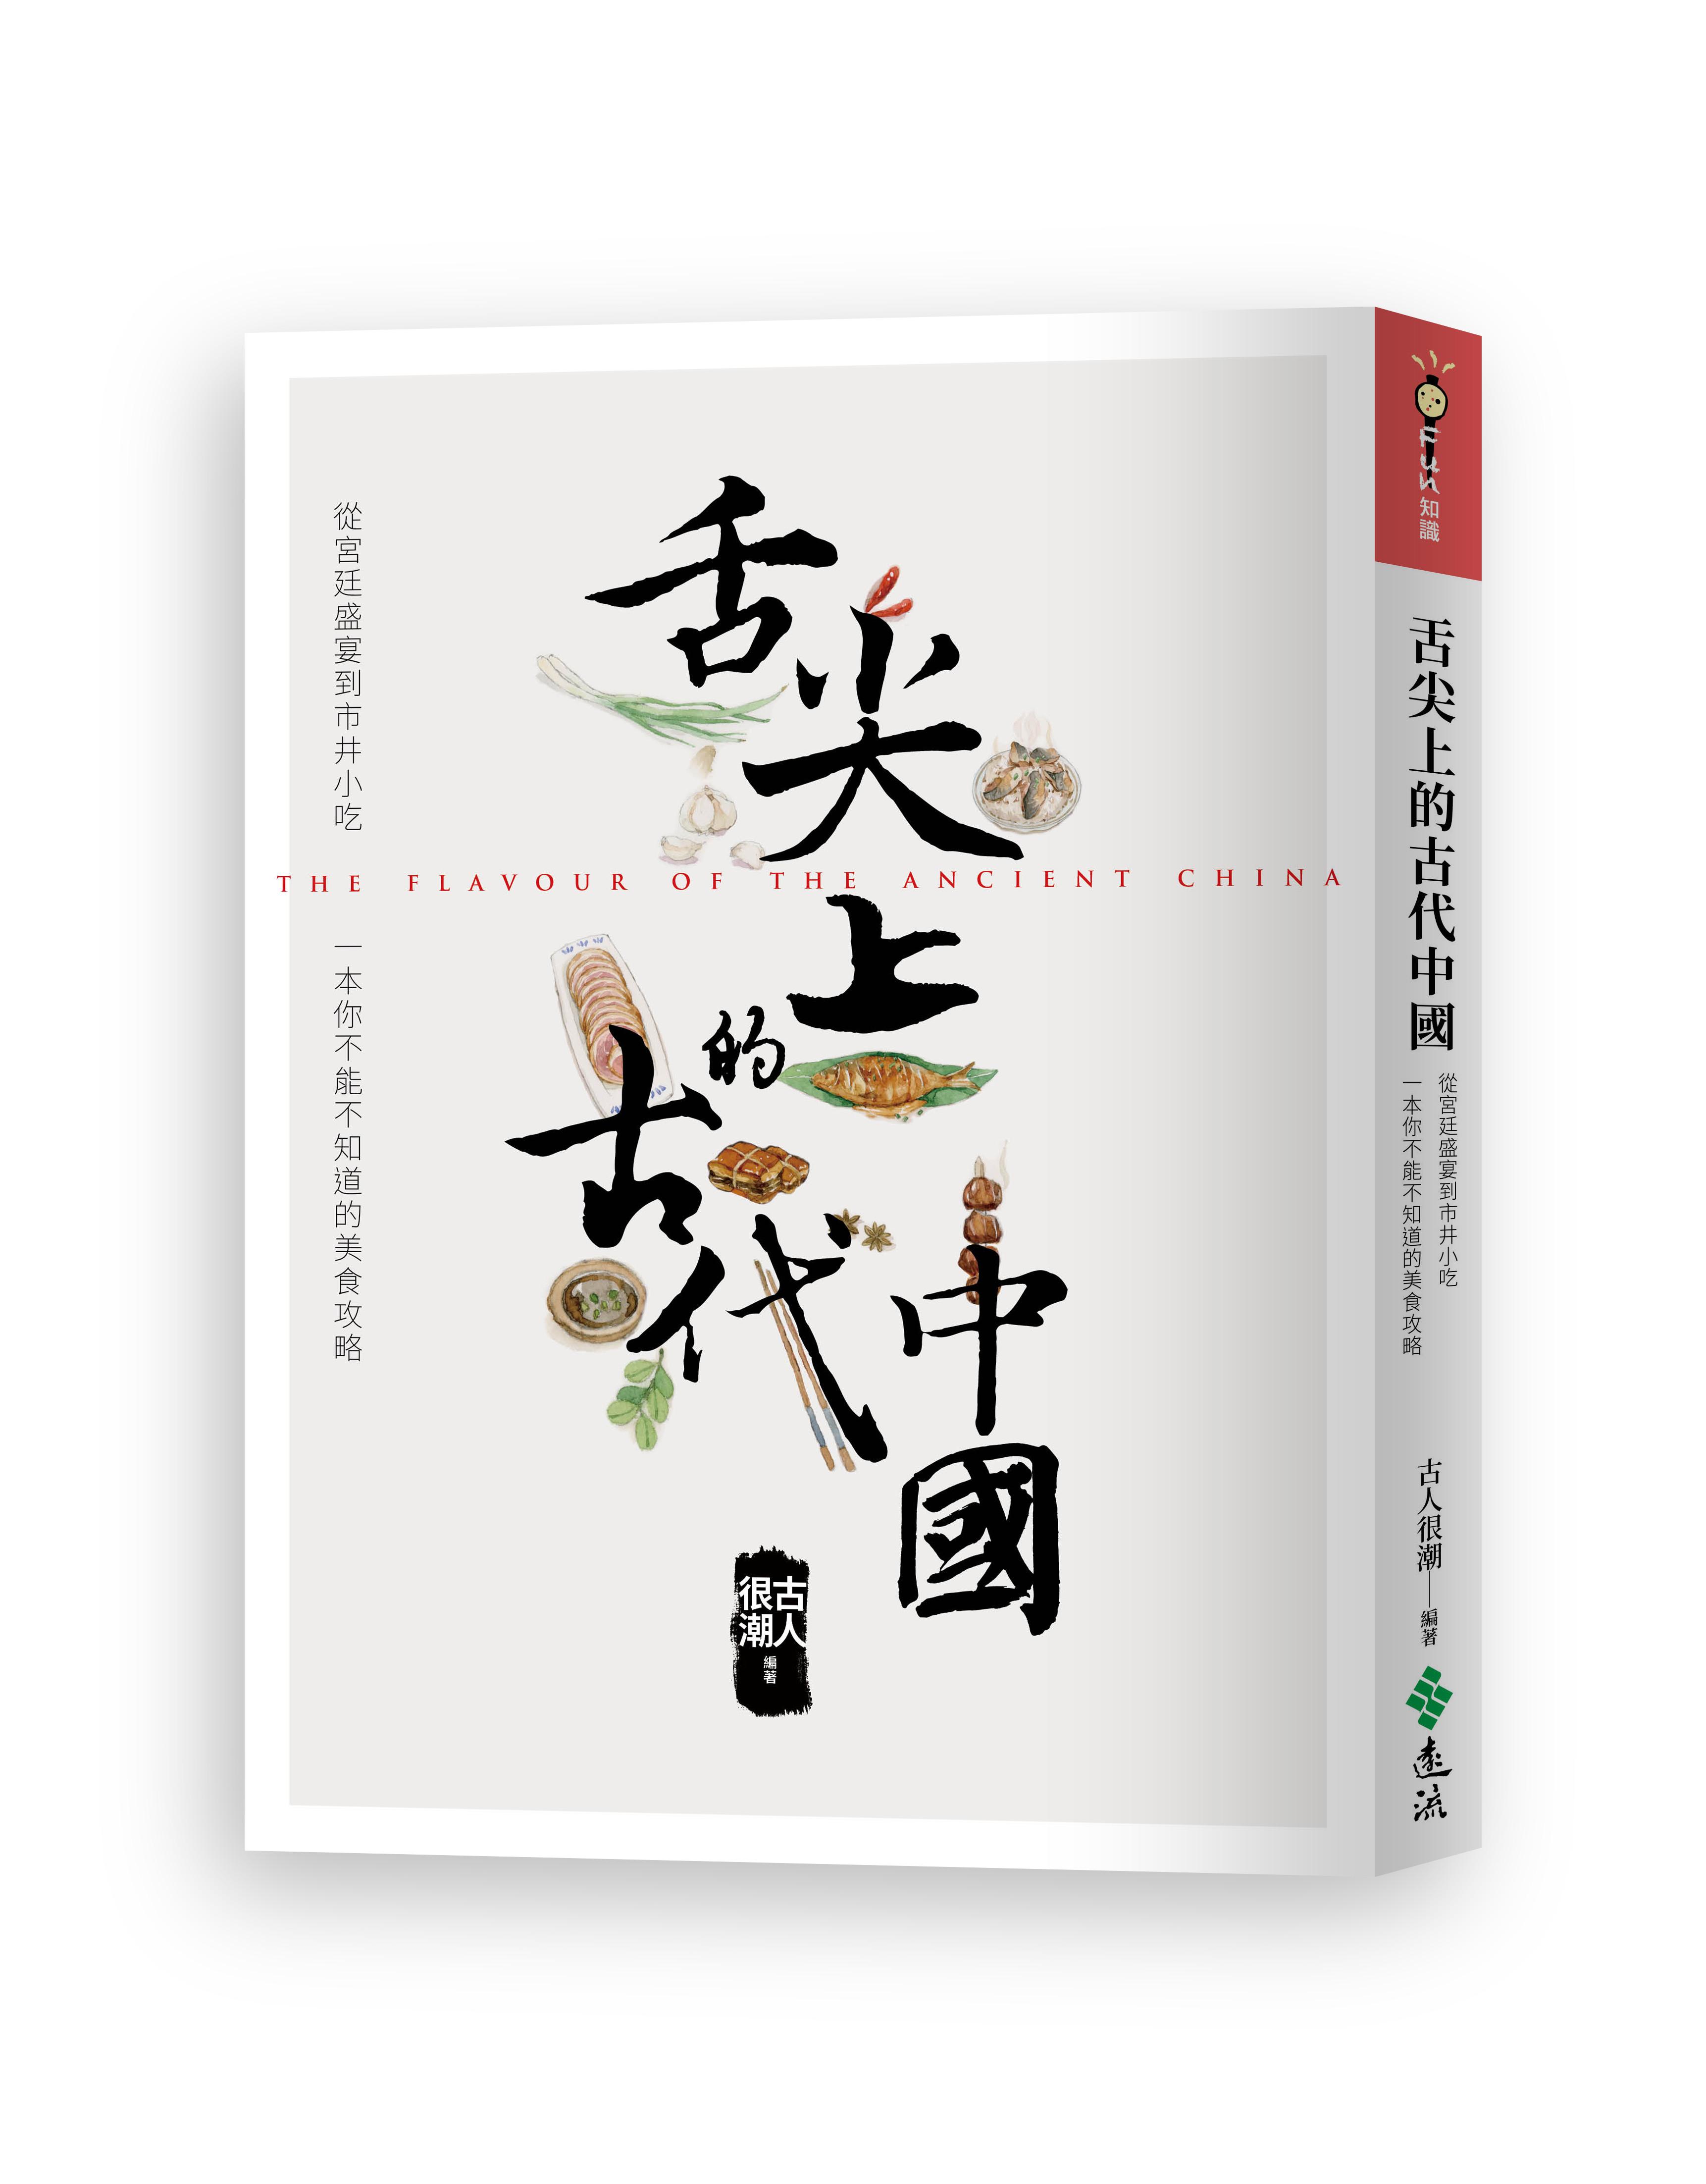 ▲《舌尖上的古代中國》。(圖/遠流出版提供)